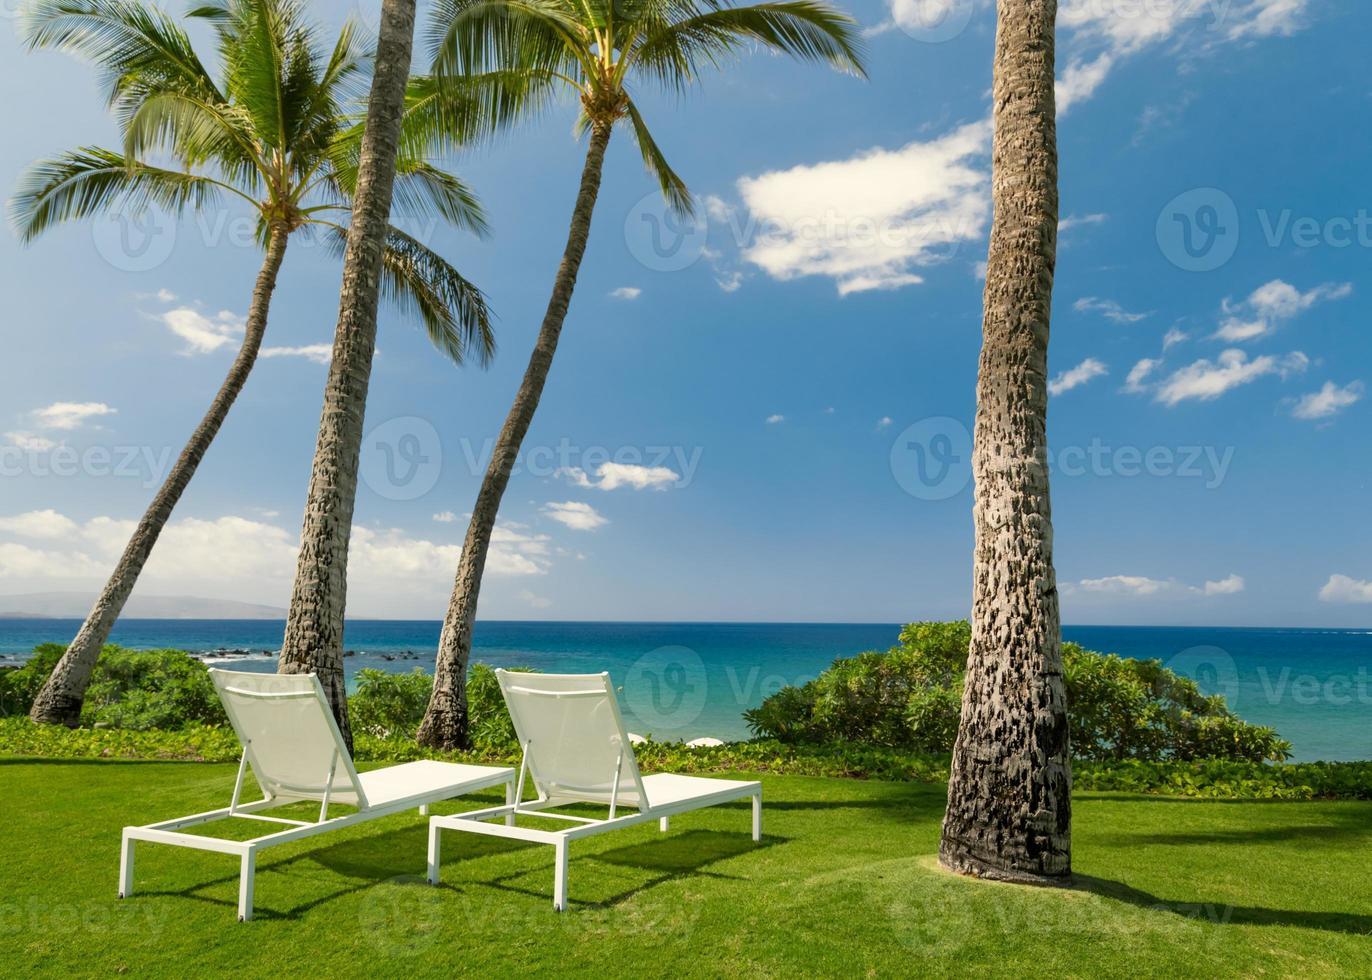 plage tropicale ensoleillée photo